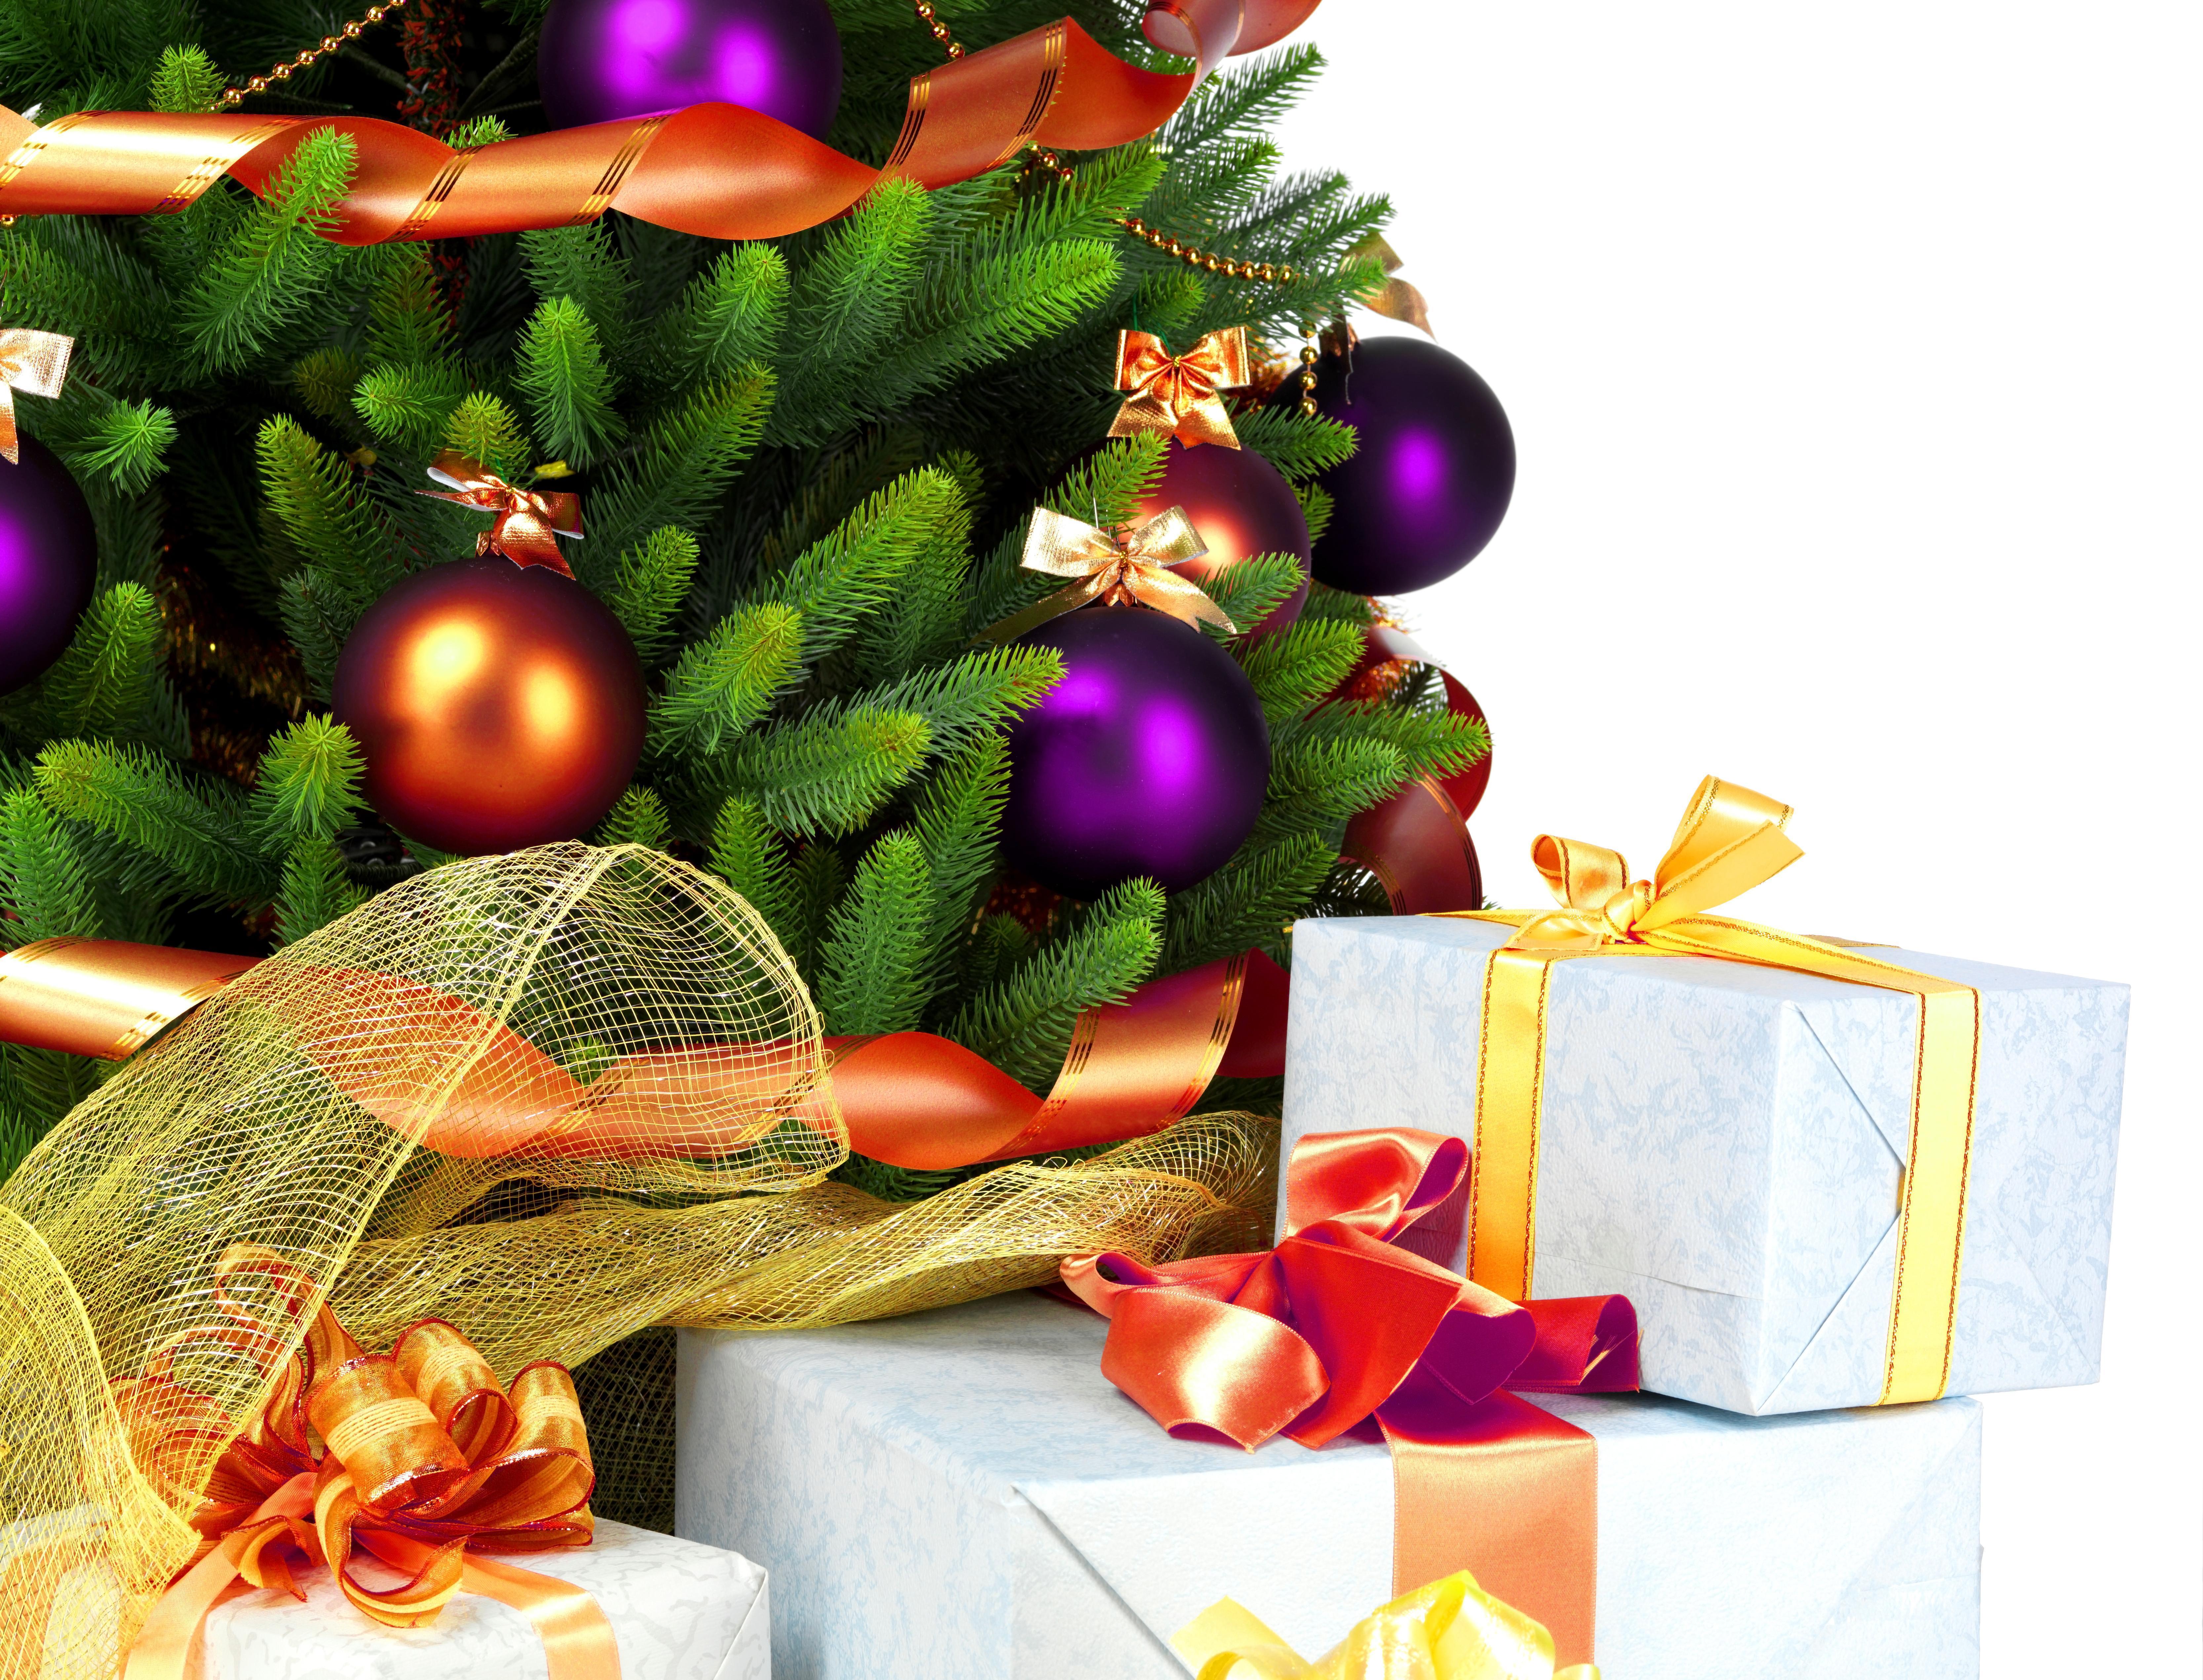 елка игрушки новый год tree toys new year без смс